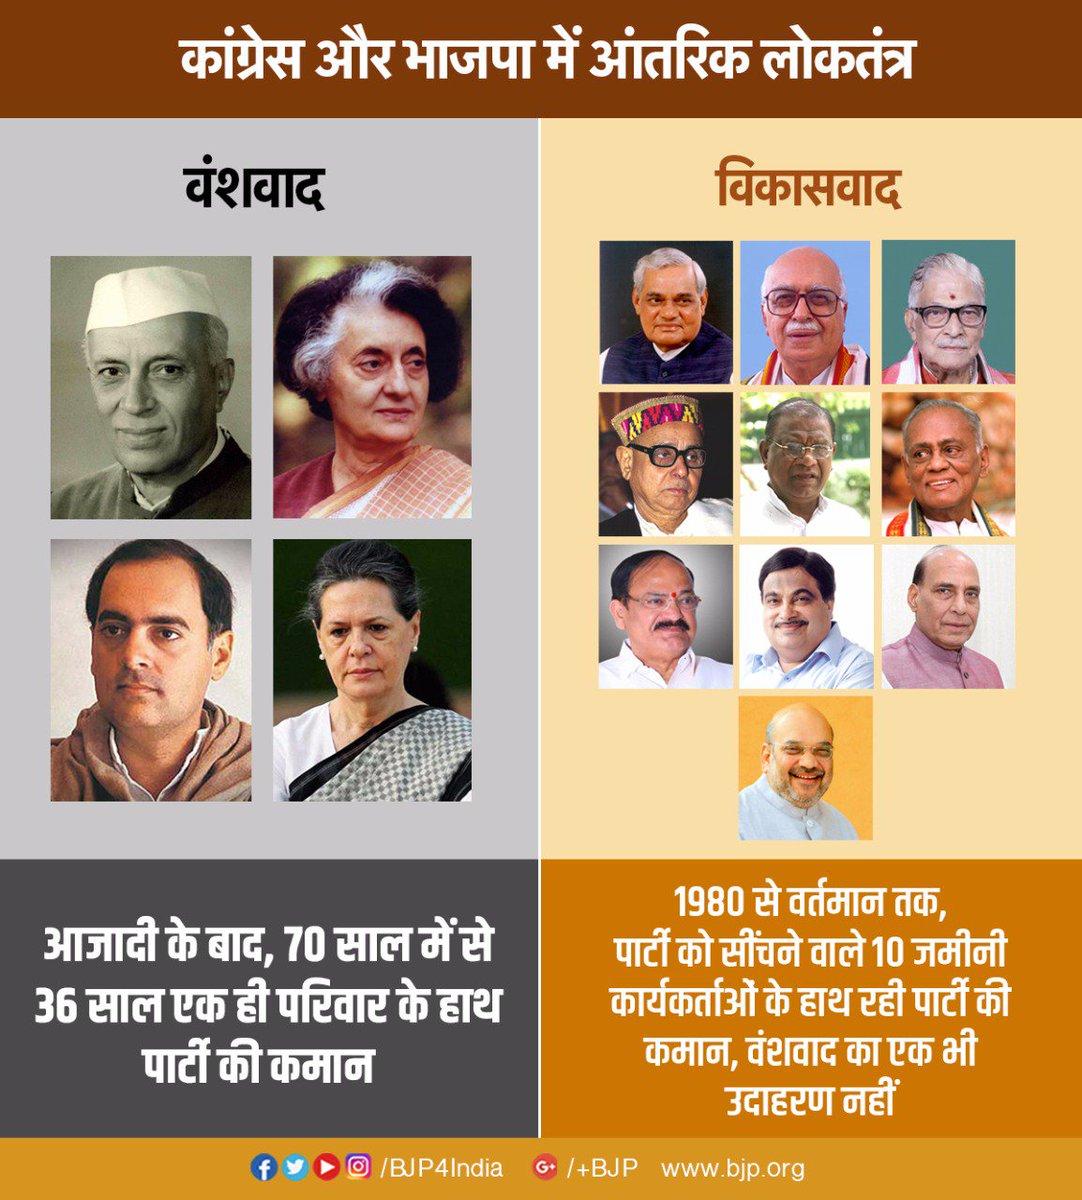 कांग्रेस और भाजपा में 'आंतरिक लोकतंत्र'...